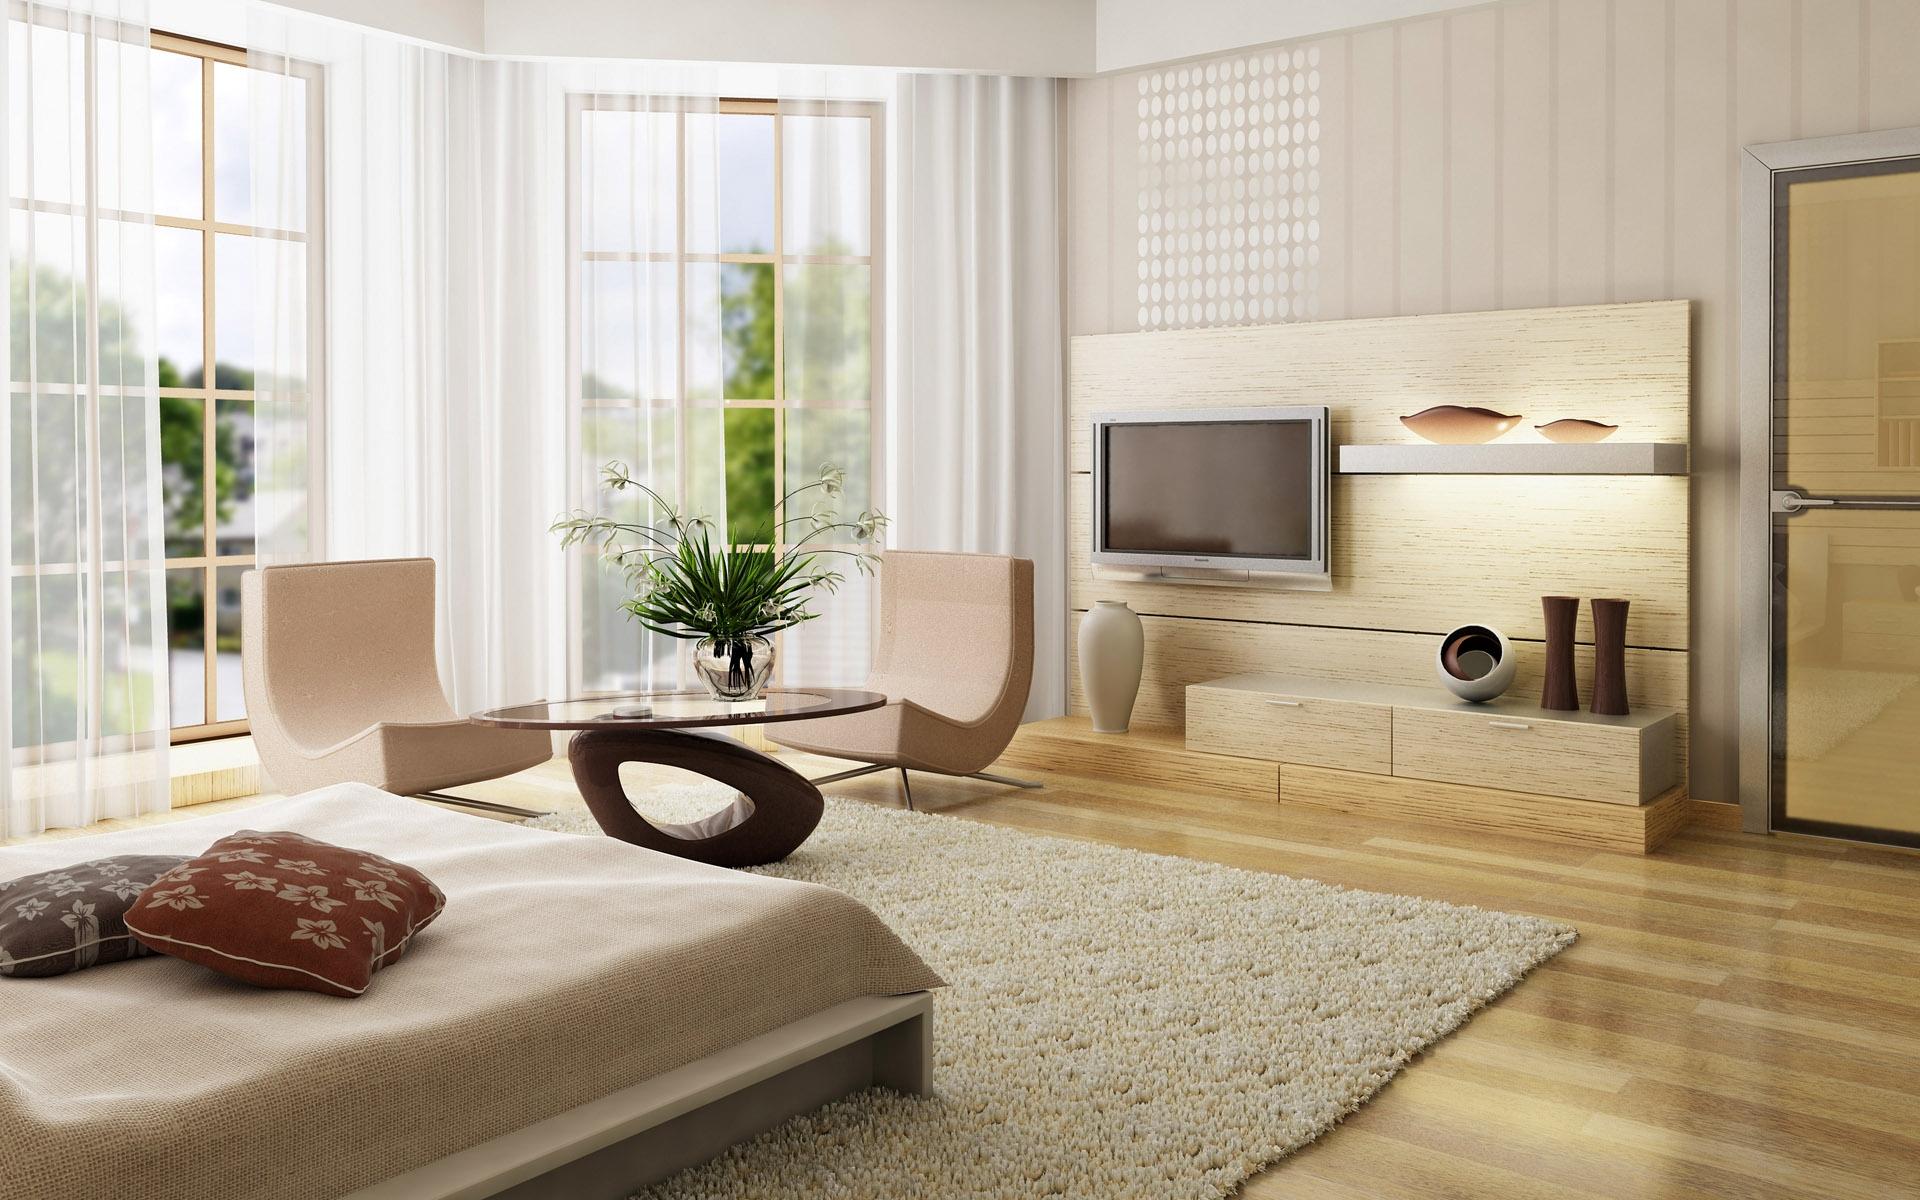 Sfondi camera letto legna tv scaffali interior design